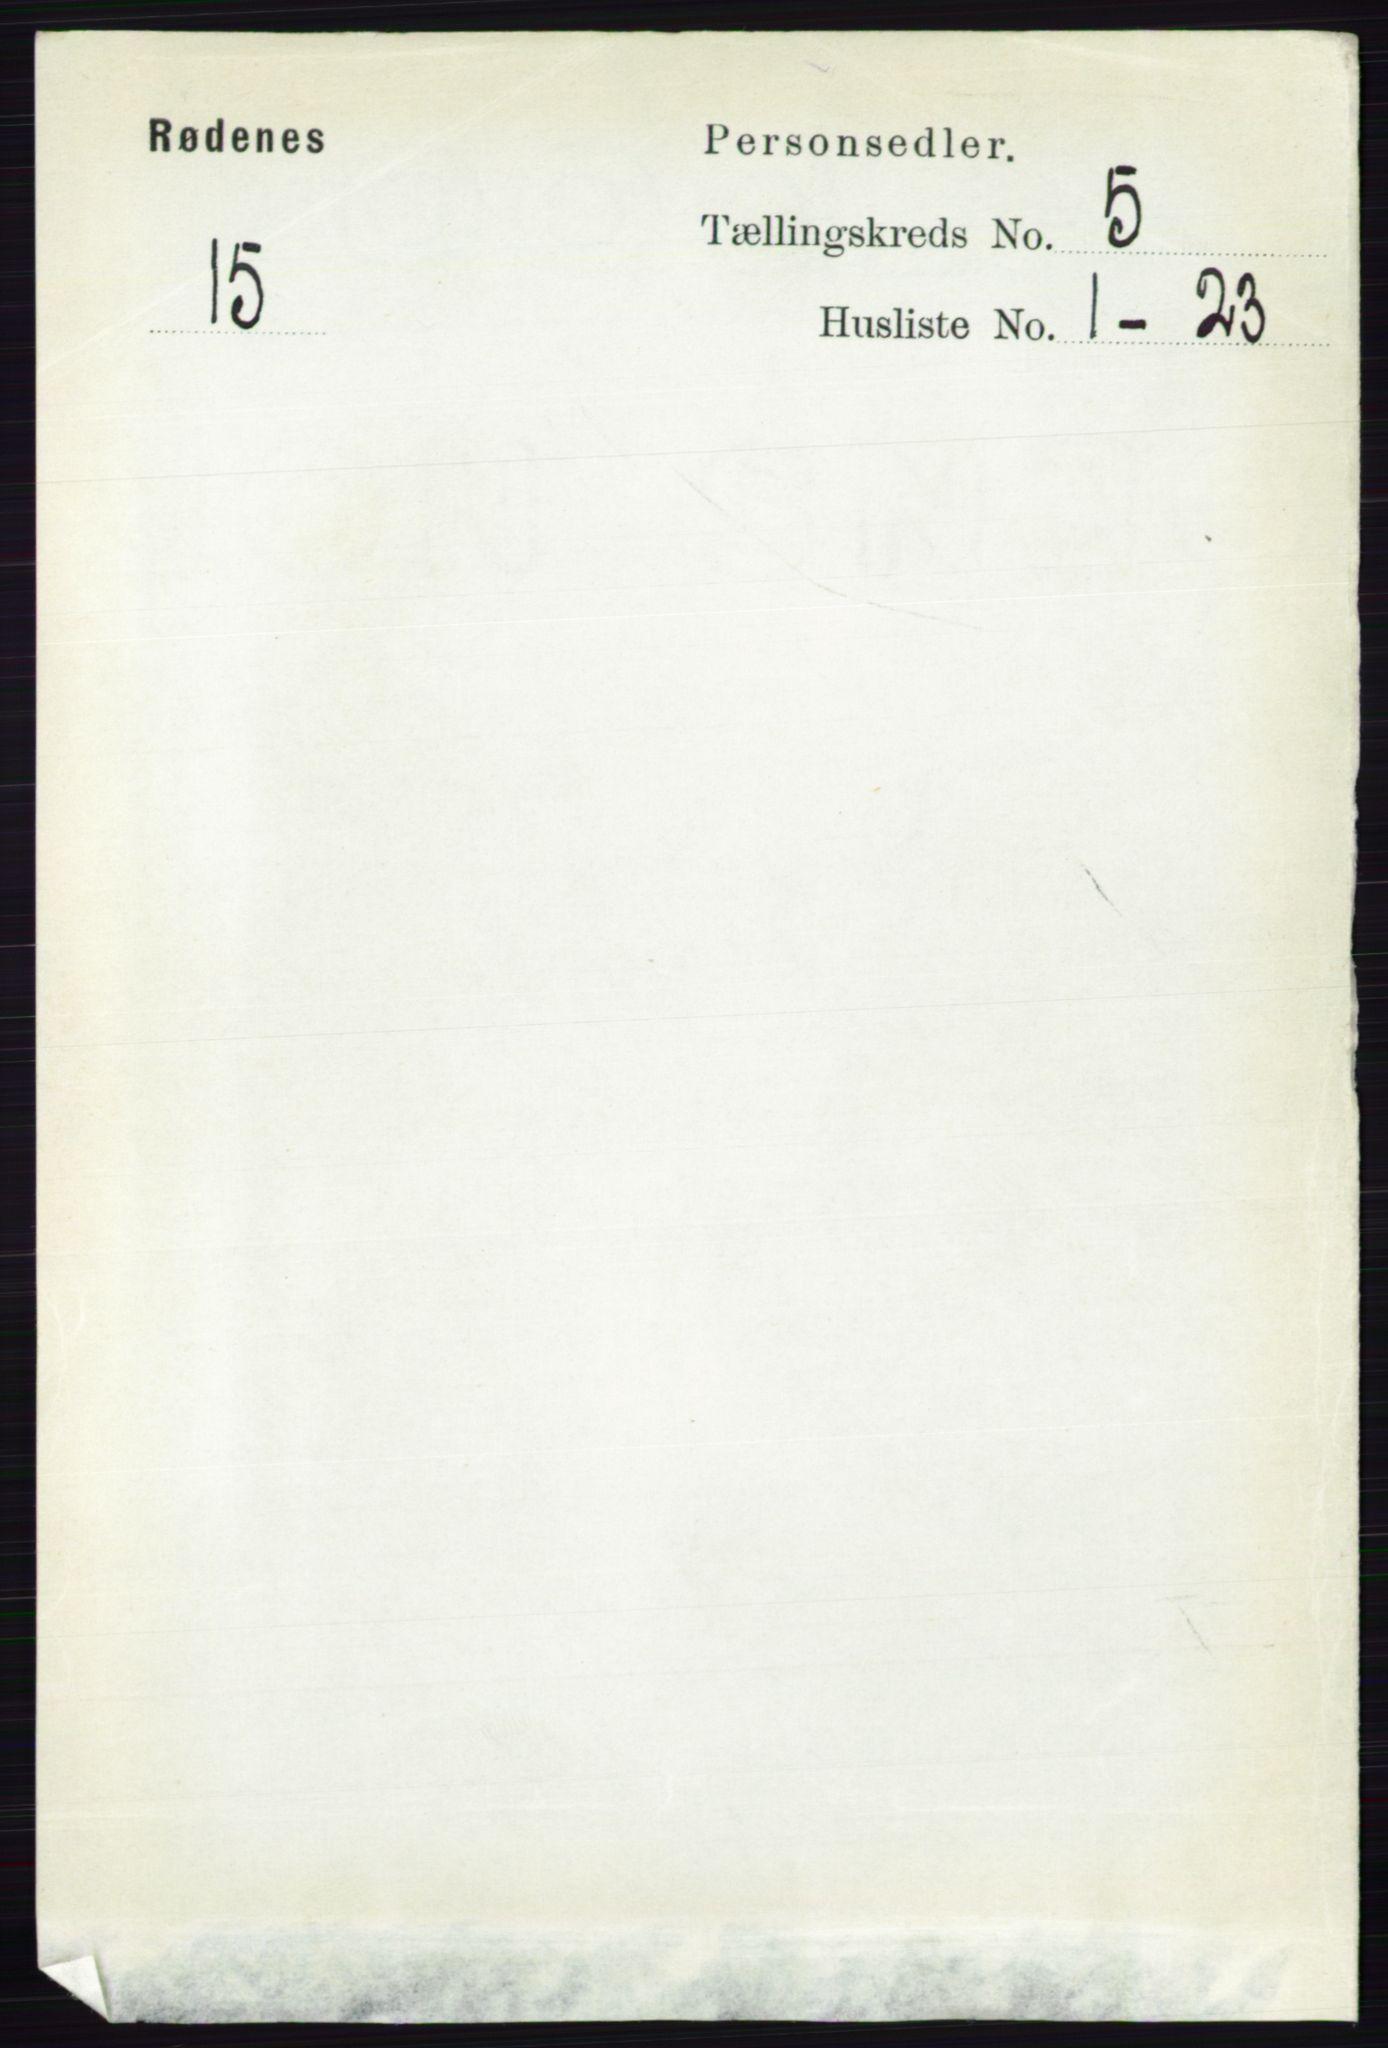 RA, Folketelling 1891 for 0120 Rødenes herred, 1891, s. 2095